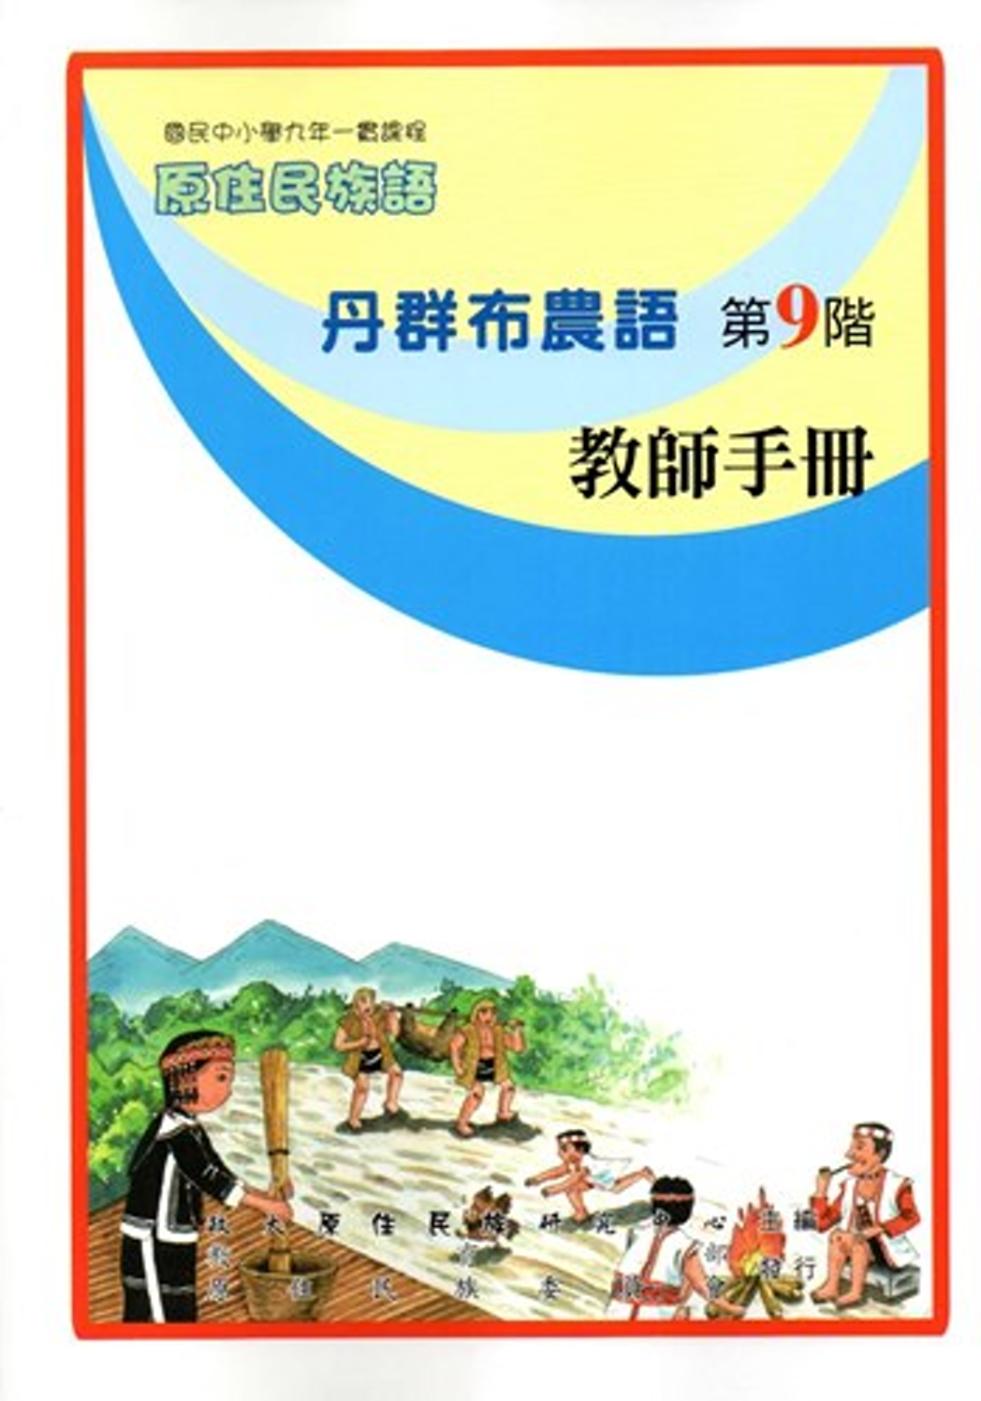 原住民族語丹群布農語第九階教師手冊